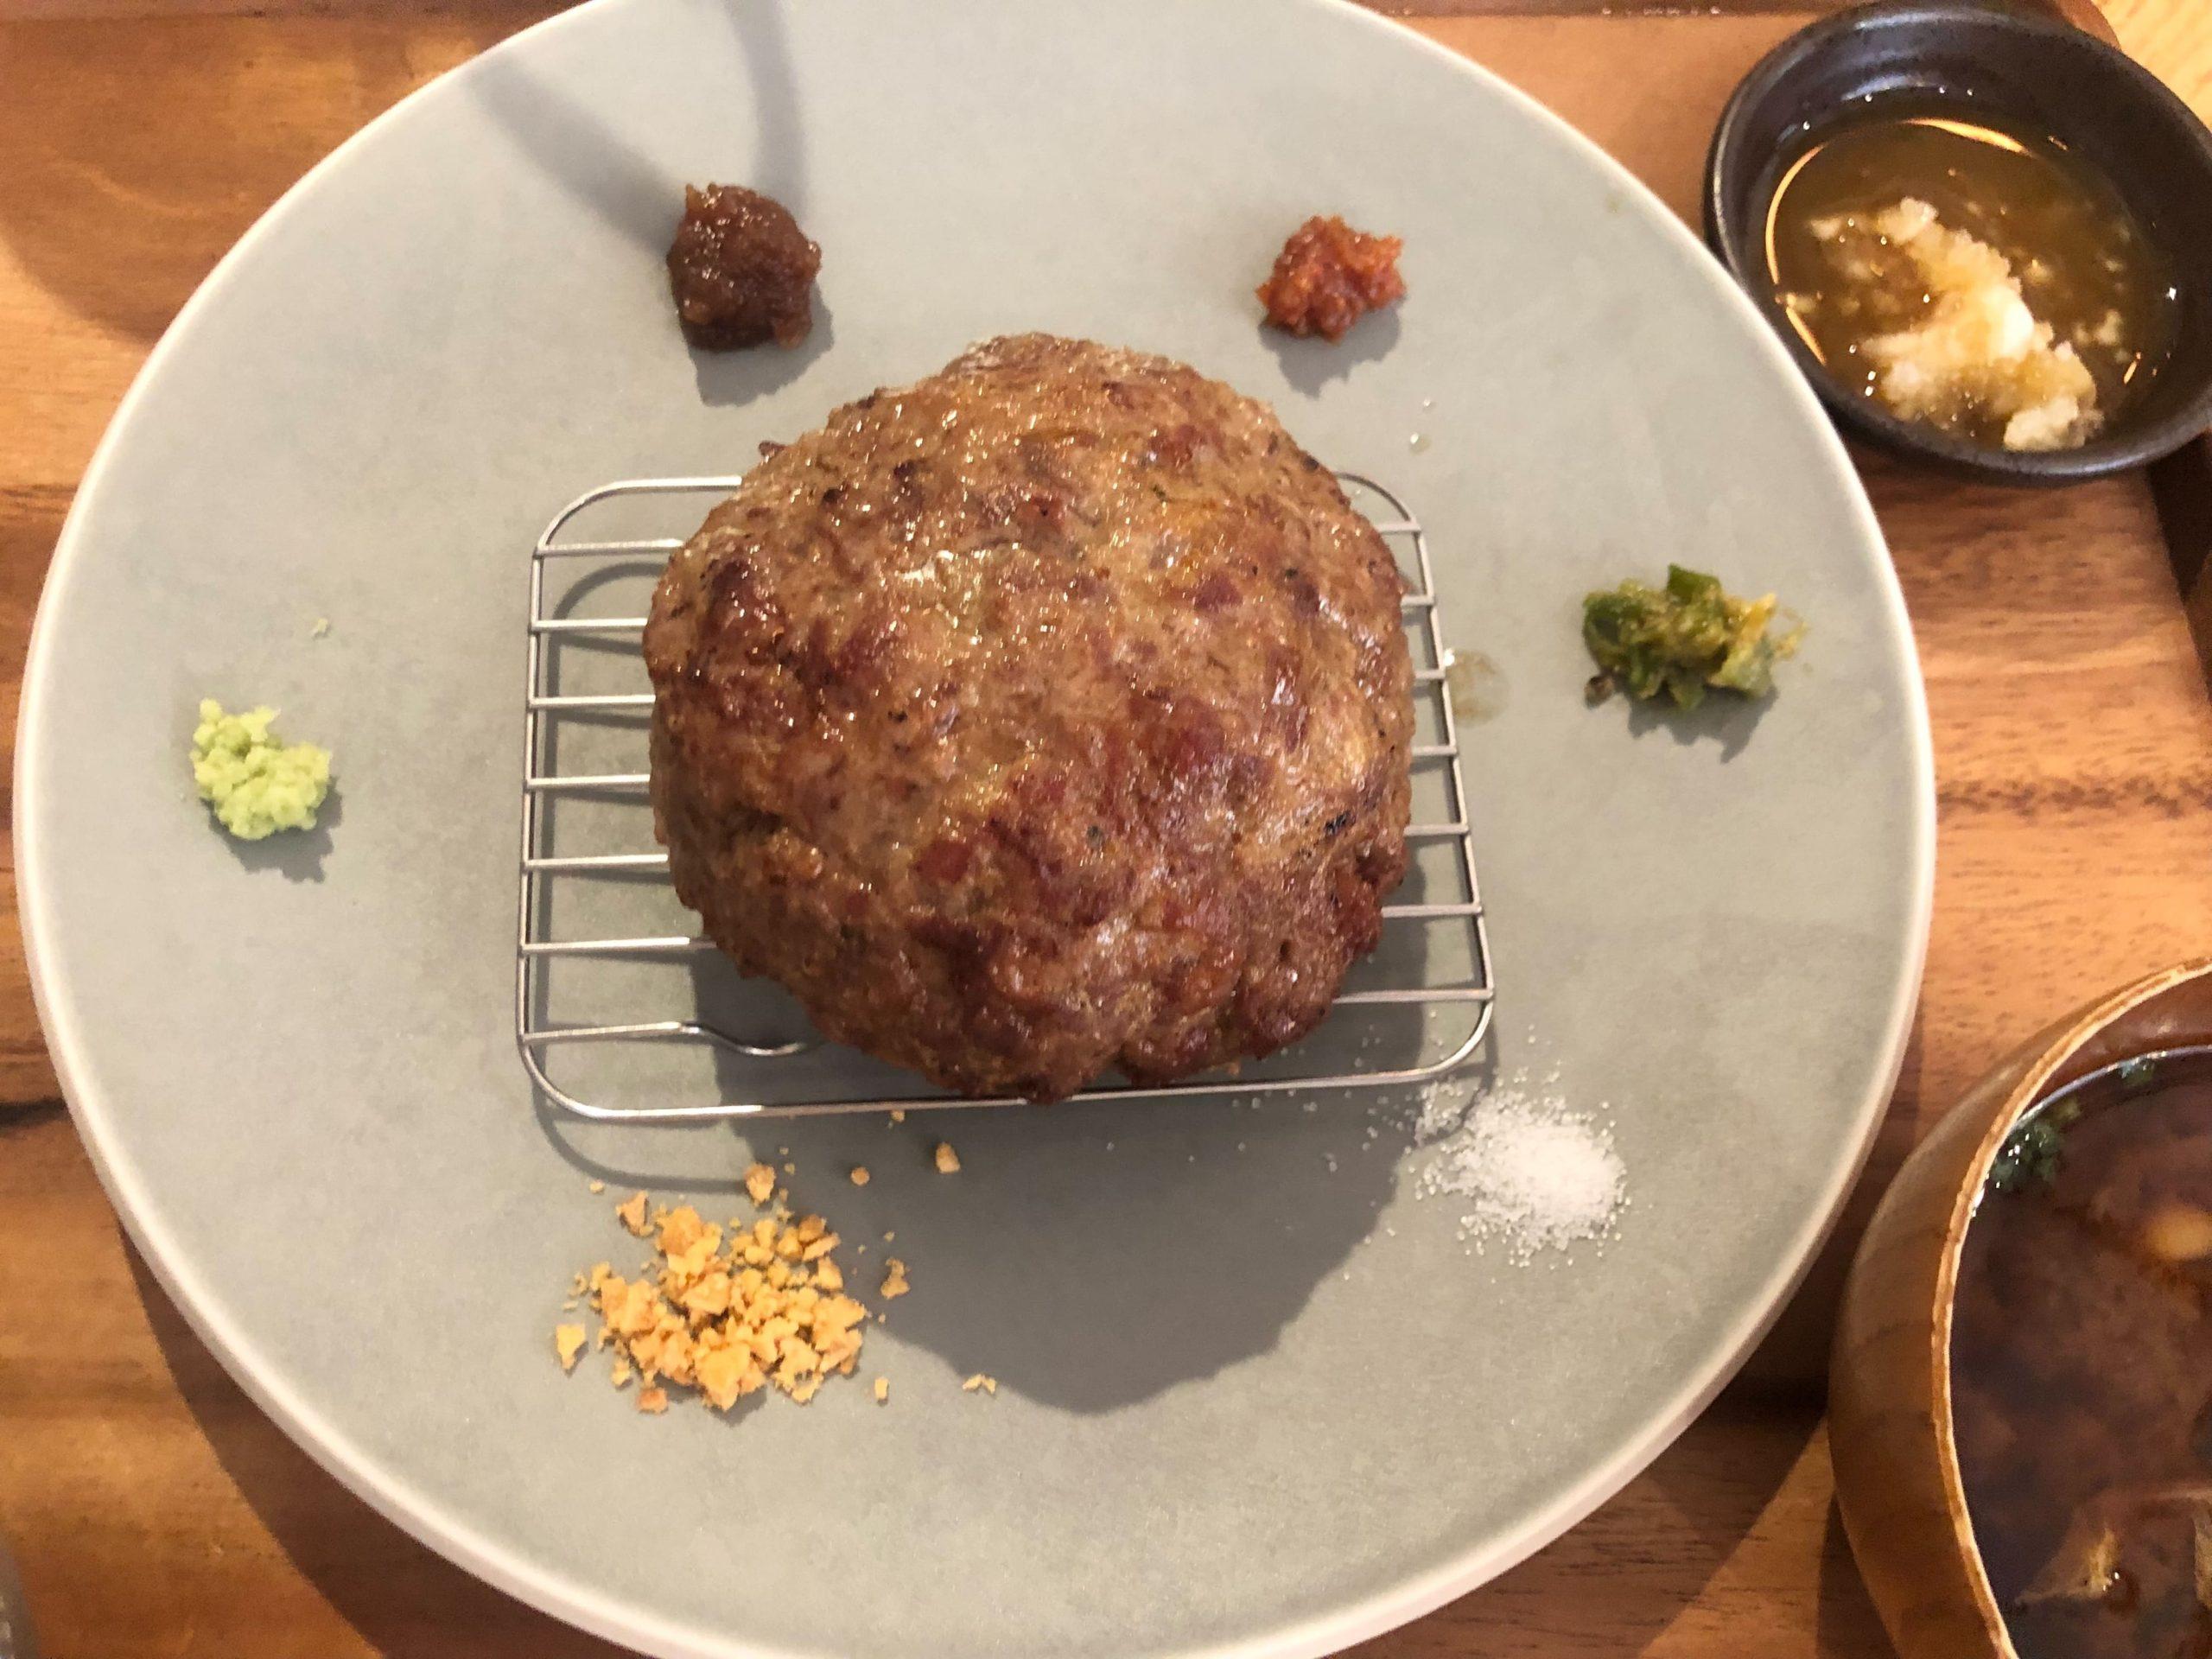 矢場町|ハンバーグは愛知牛100%!旨味たっぷりのこだわり挽き肉を使用したハンバーグ